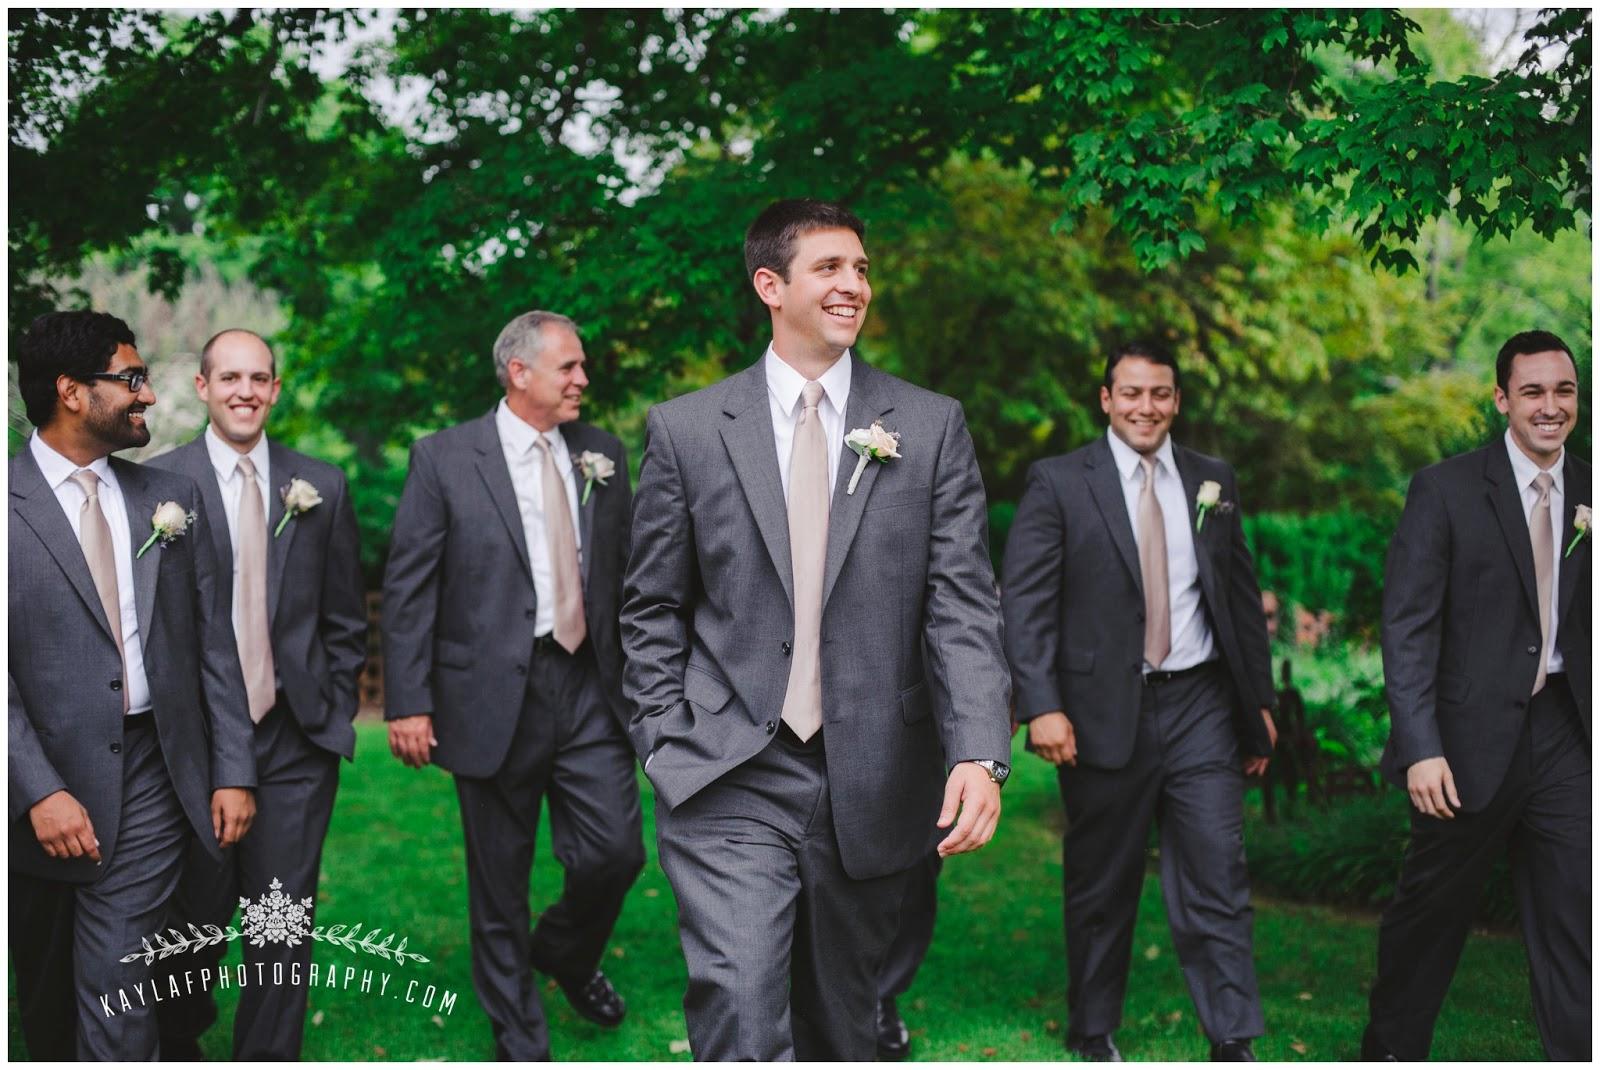 Davids Bridal Roanoke Va